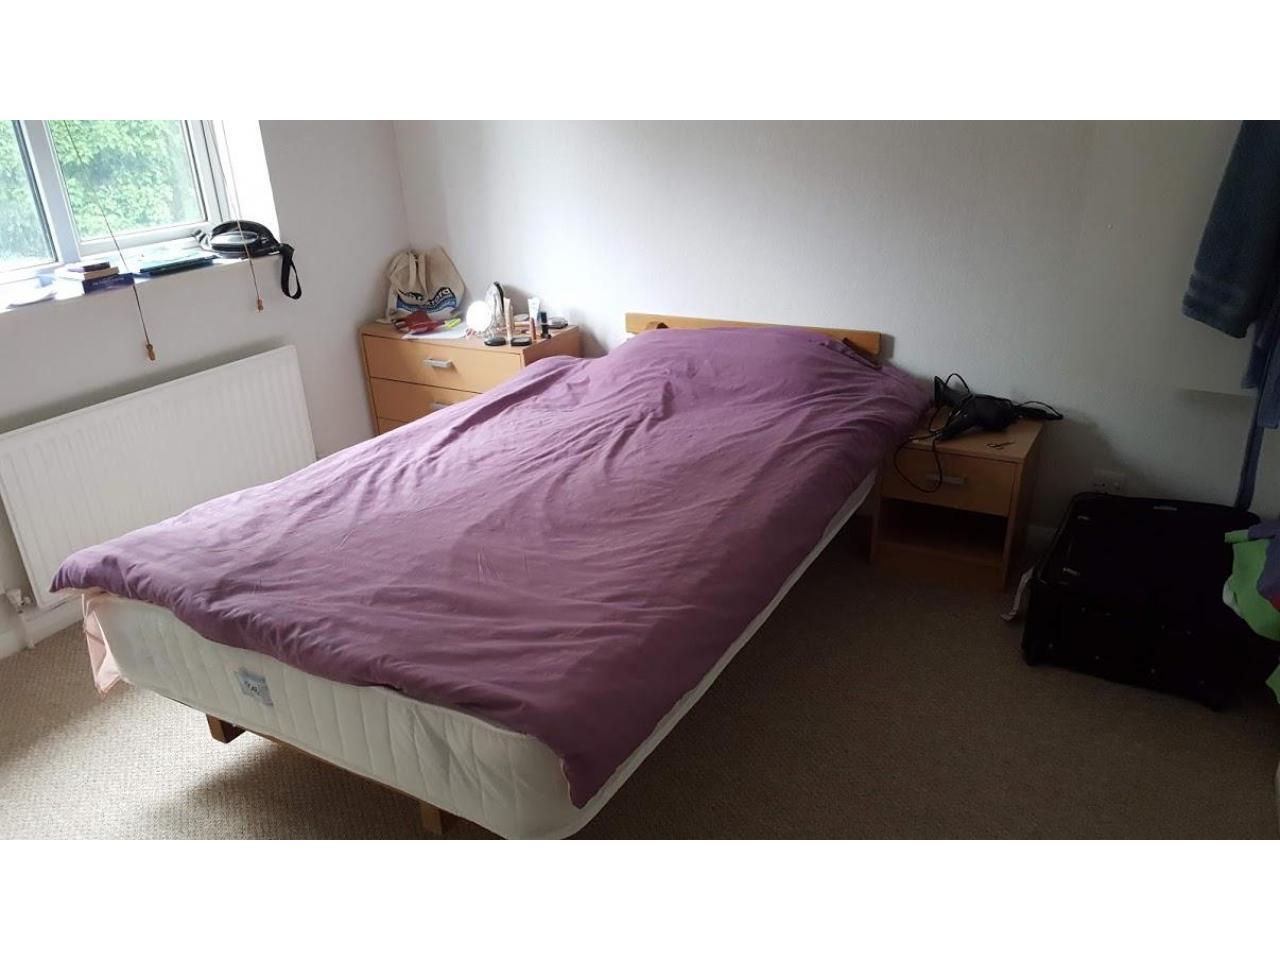 Сдаётся двухместная, чистая комнатa для девушки - 3